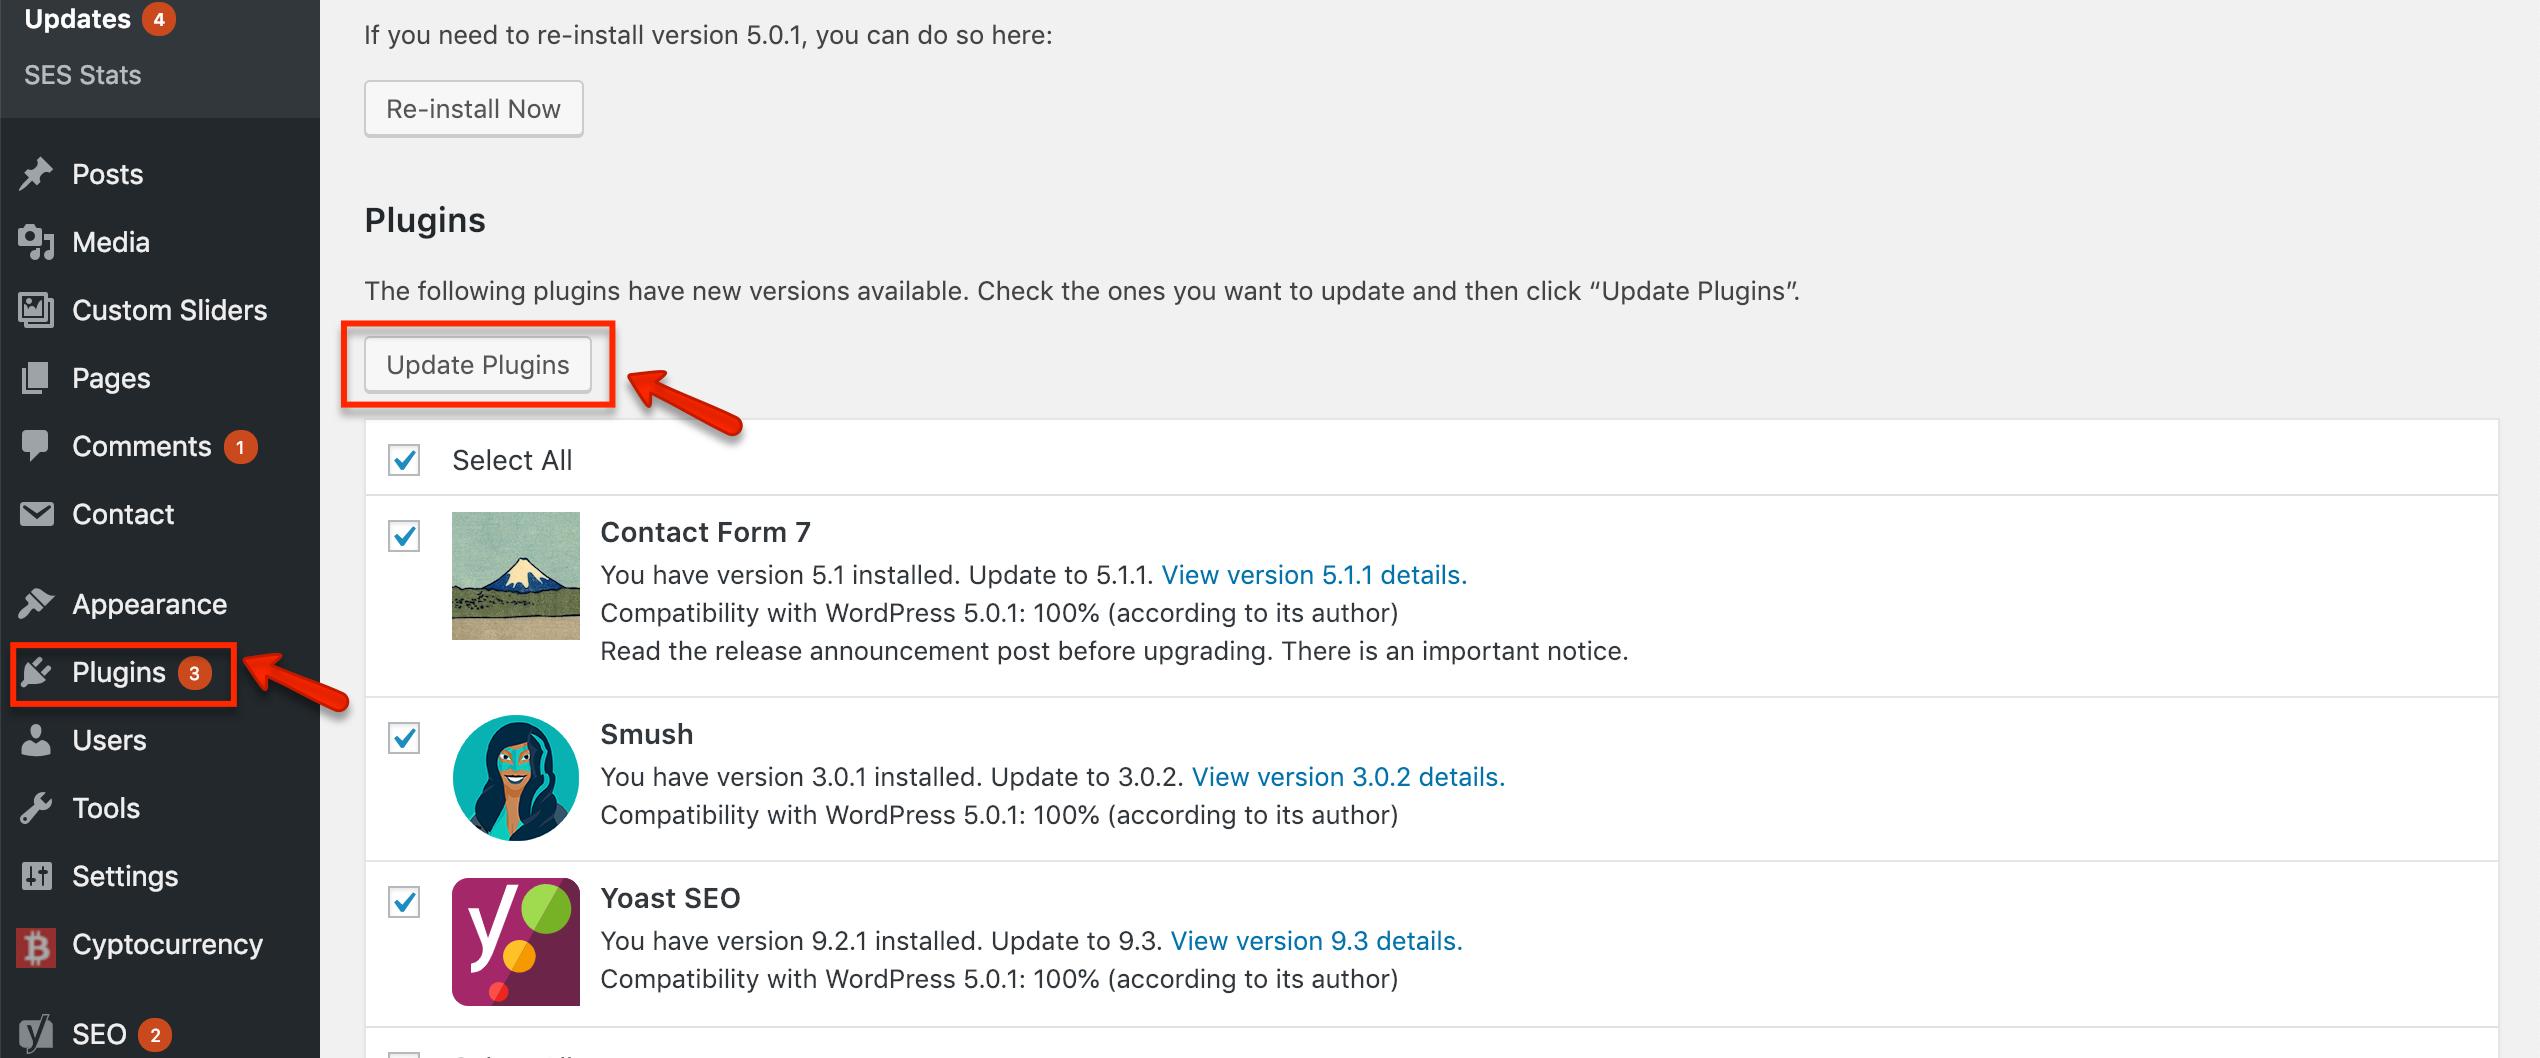 WordPress vs Creadores de sitios web: ¿Cuál debería usar?